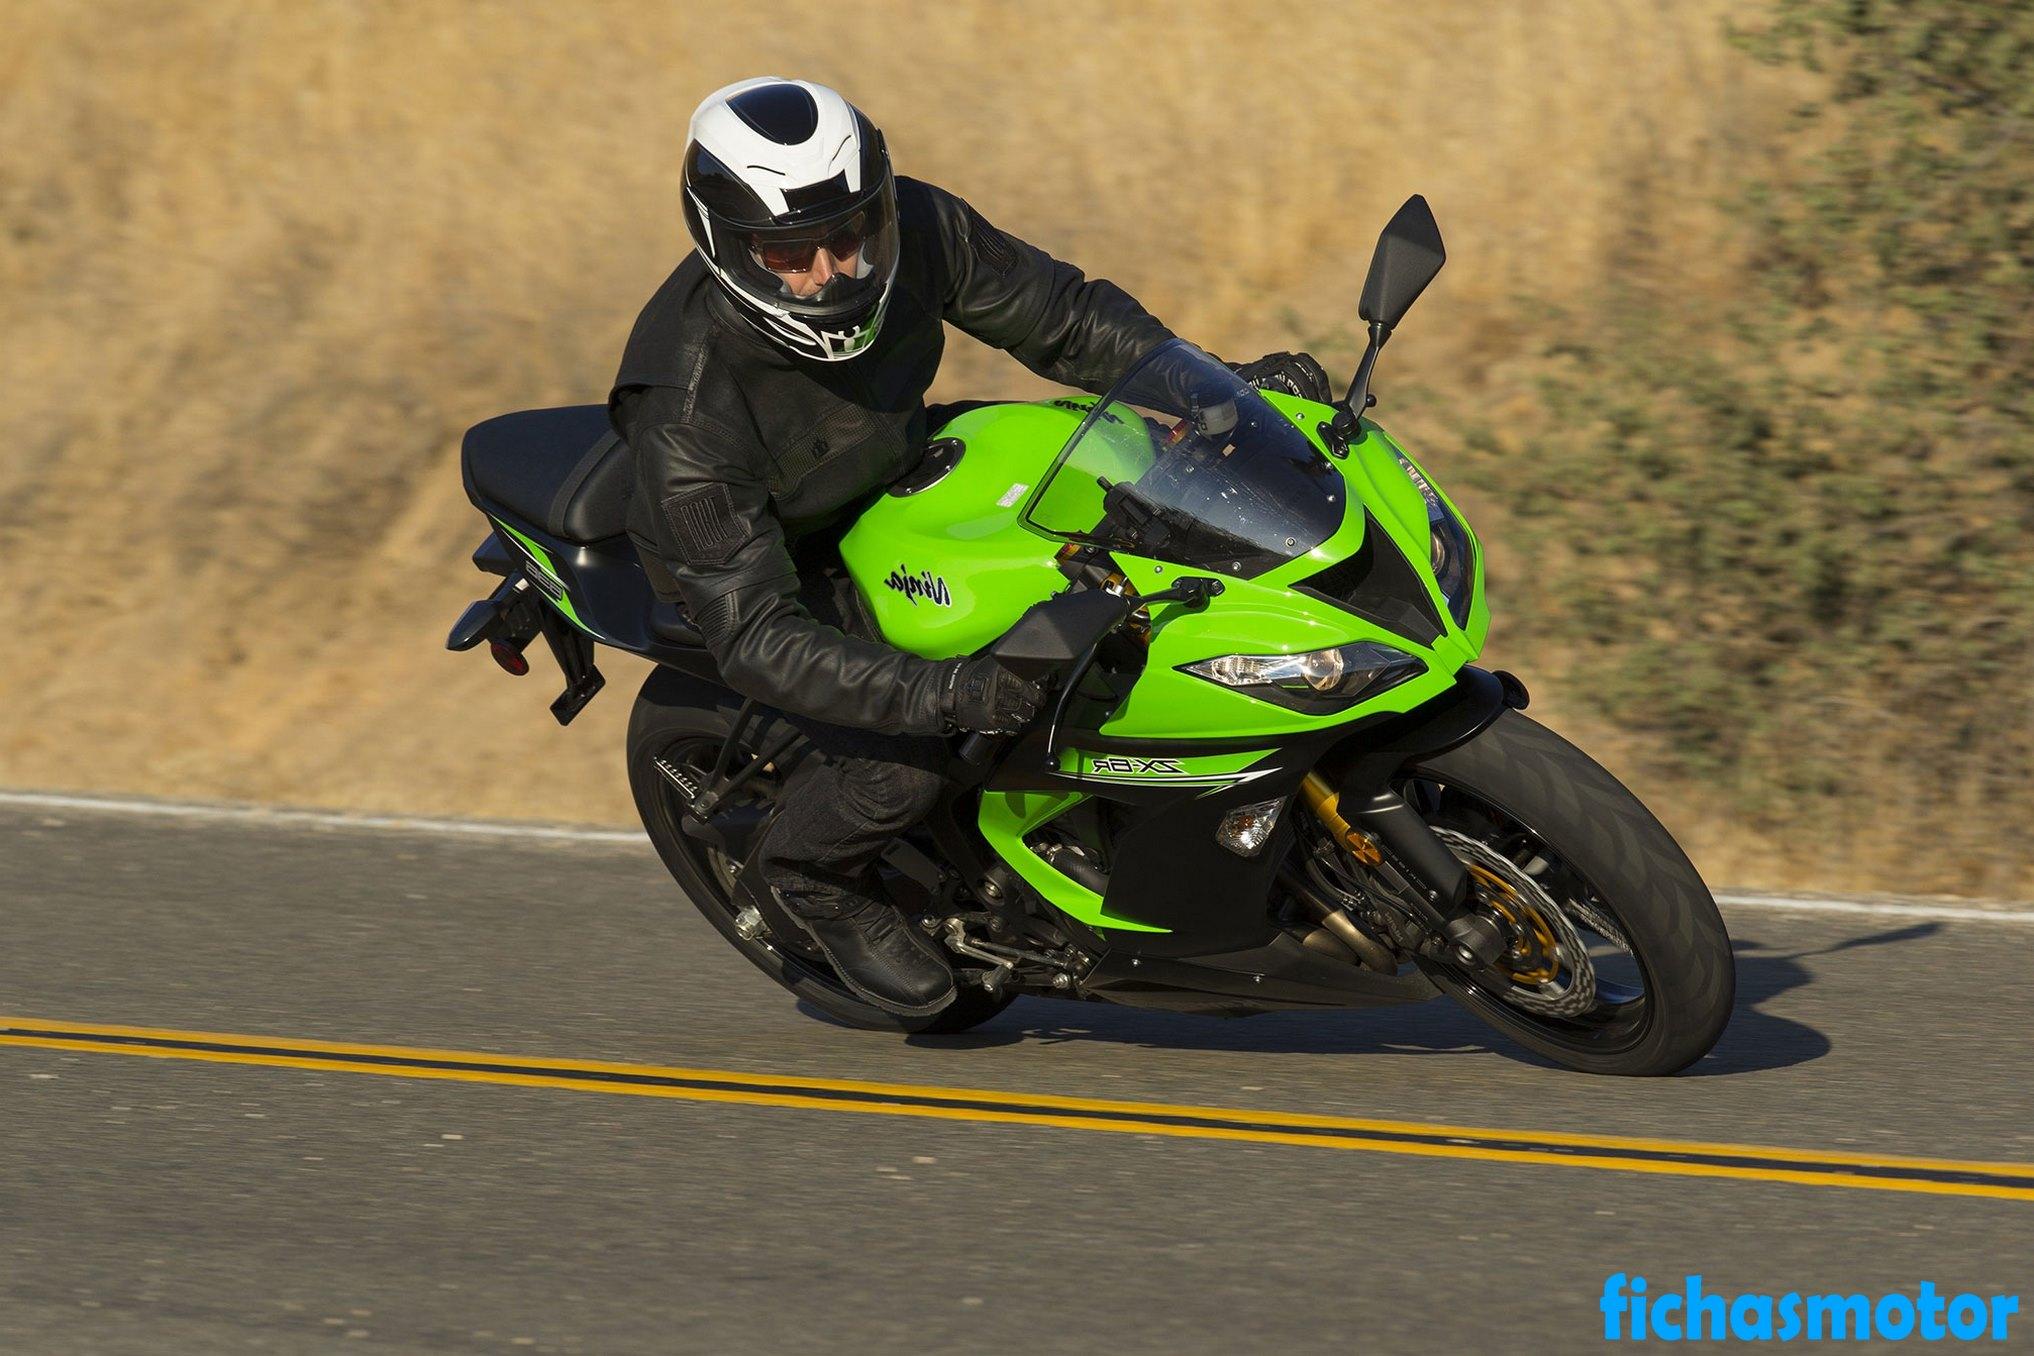 Imagen moto Kawasaki ninja zx-6r año 2014